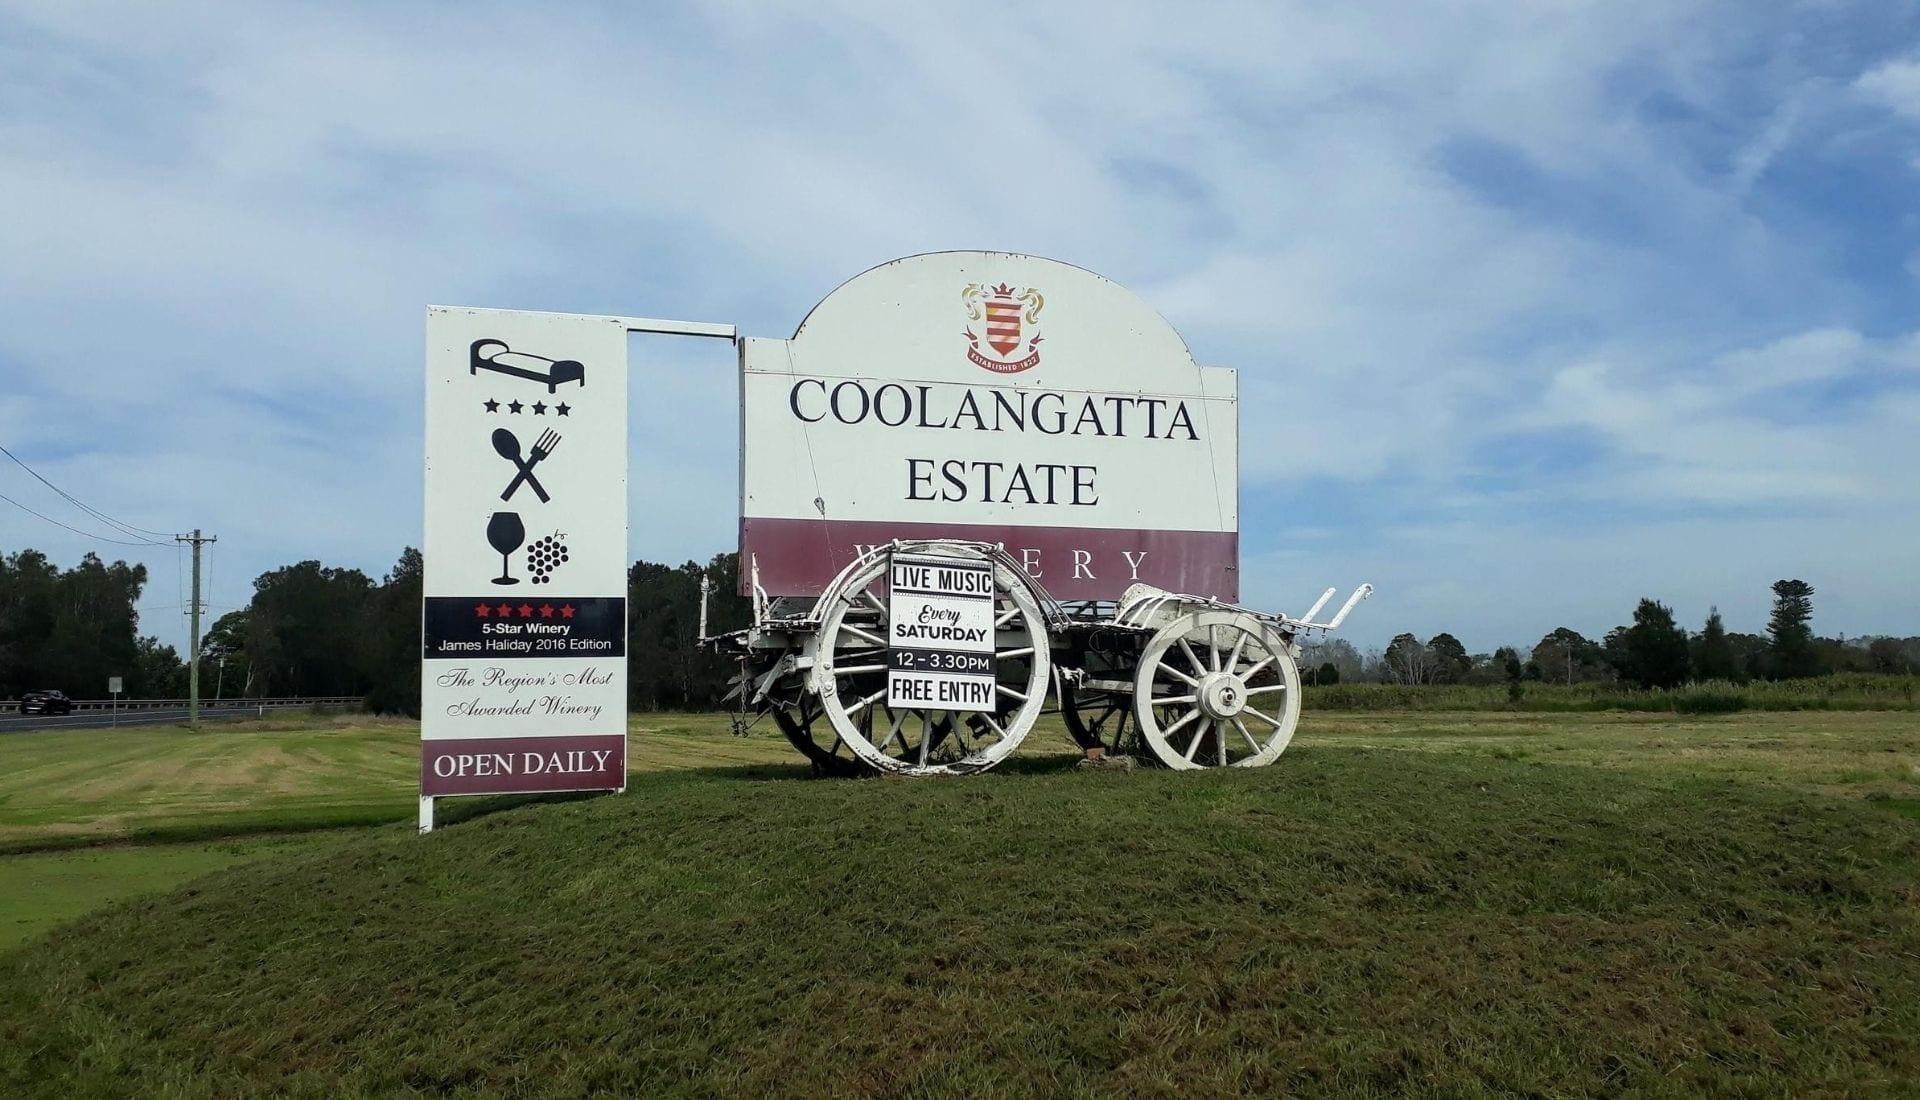 Coolangatta Estate Winery